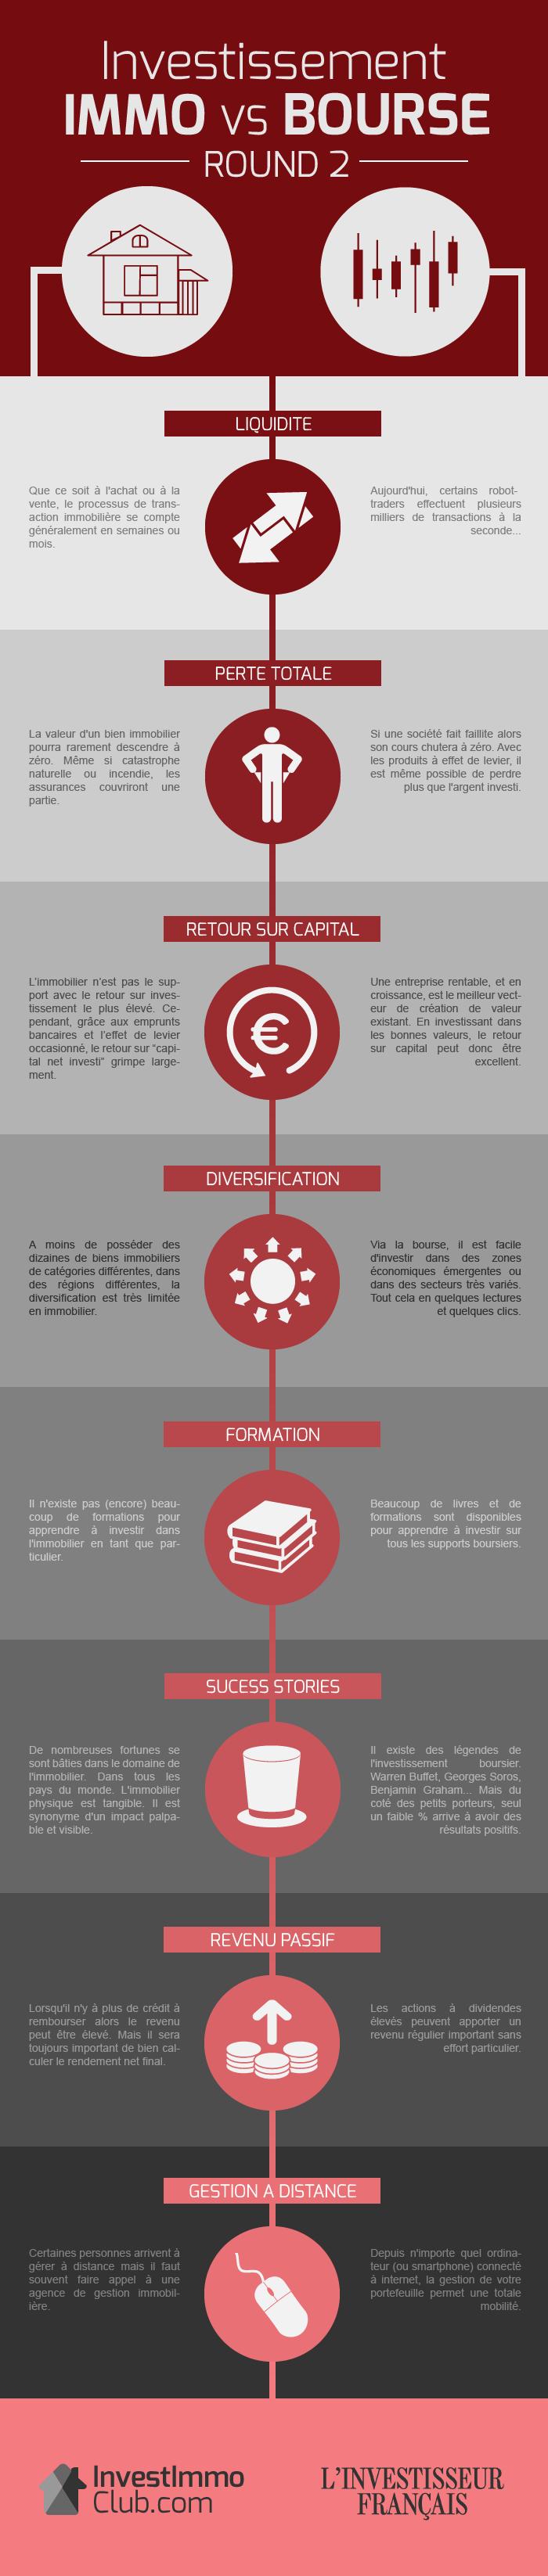 InvestImmoClub-Infographie-ImmoVSBourse-Round2